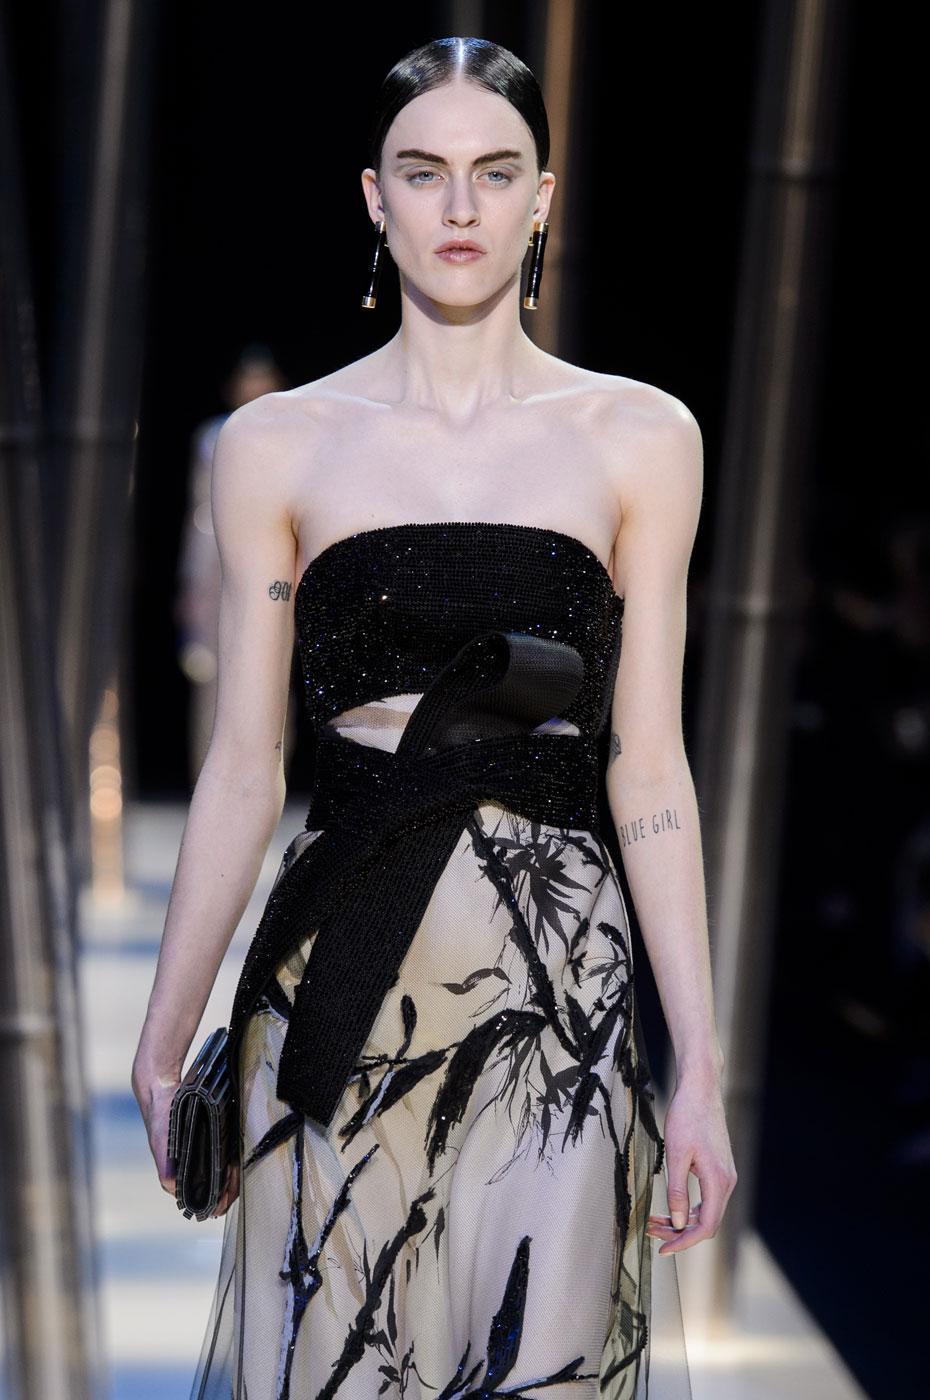 Giorgio-armani-Prive-fashion-runway-show-haute-couture-paris-spring-2015-the-impression-092